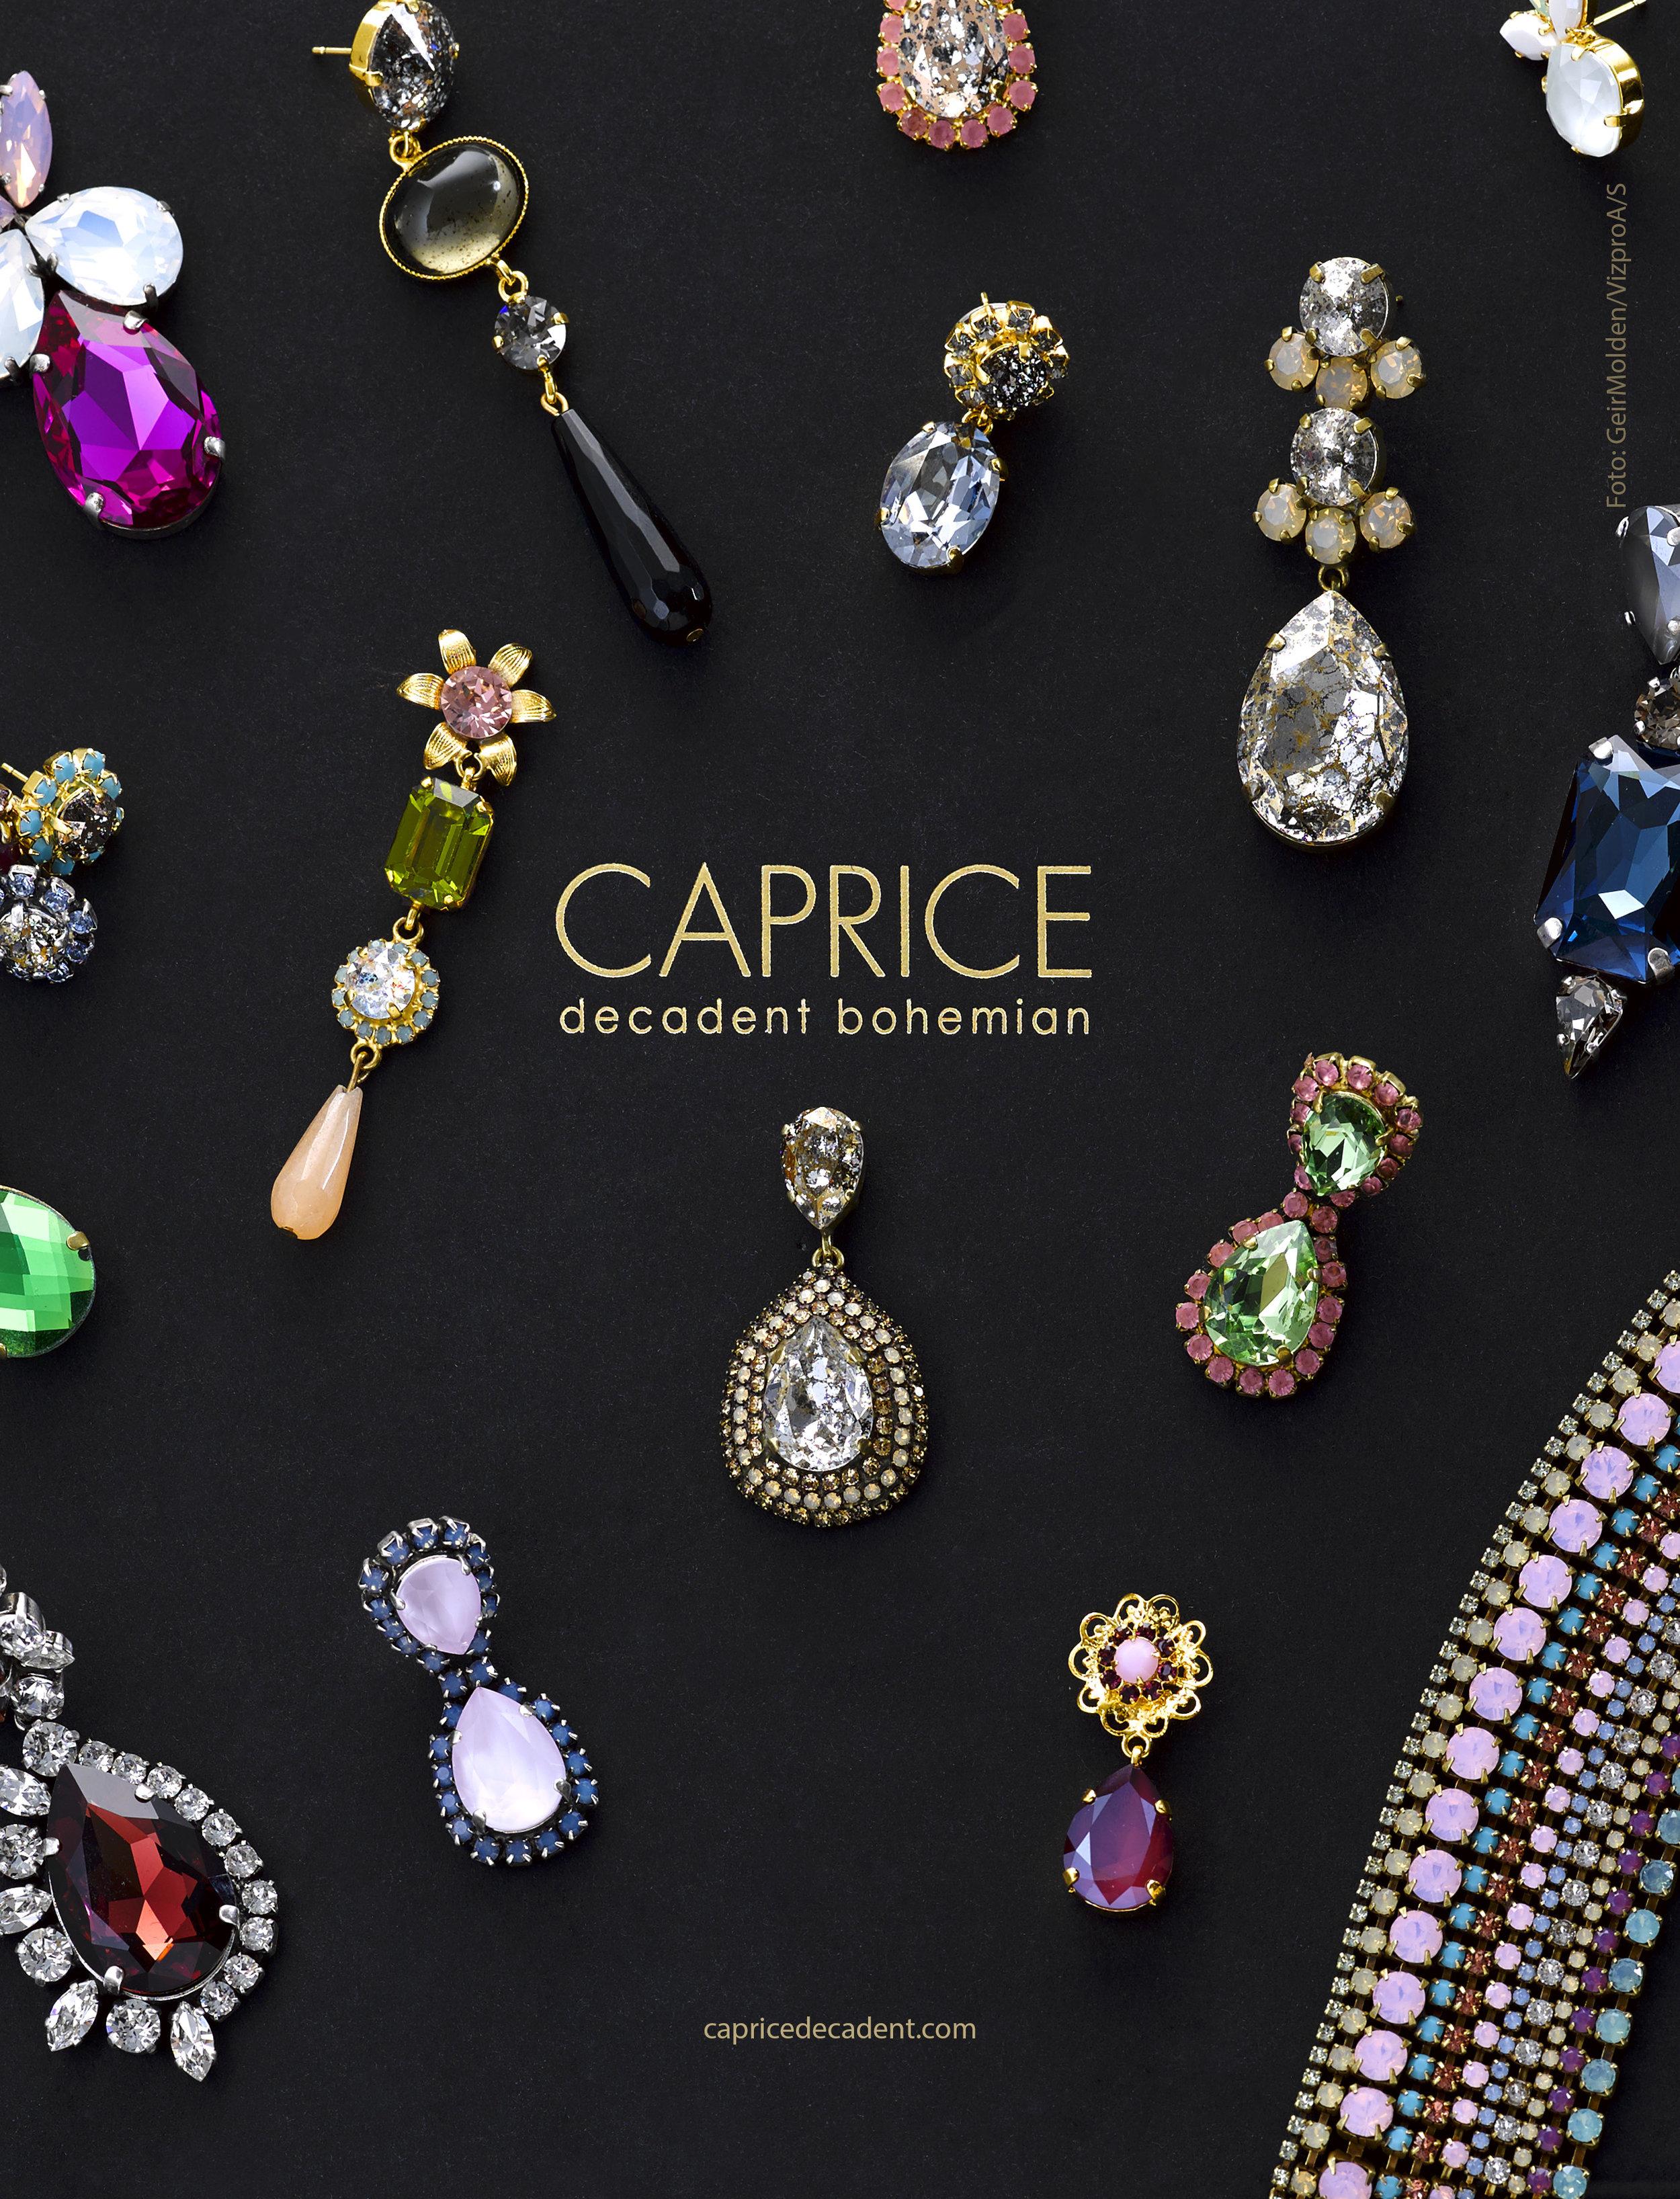 CapriceAnnonse2.jpg